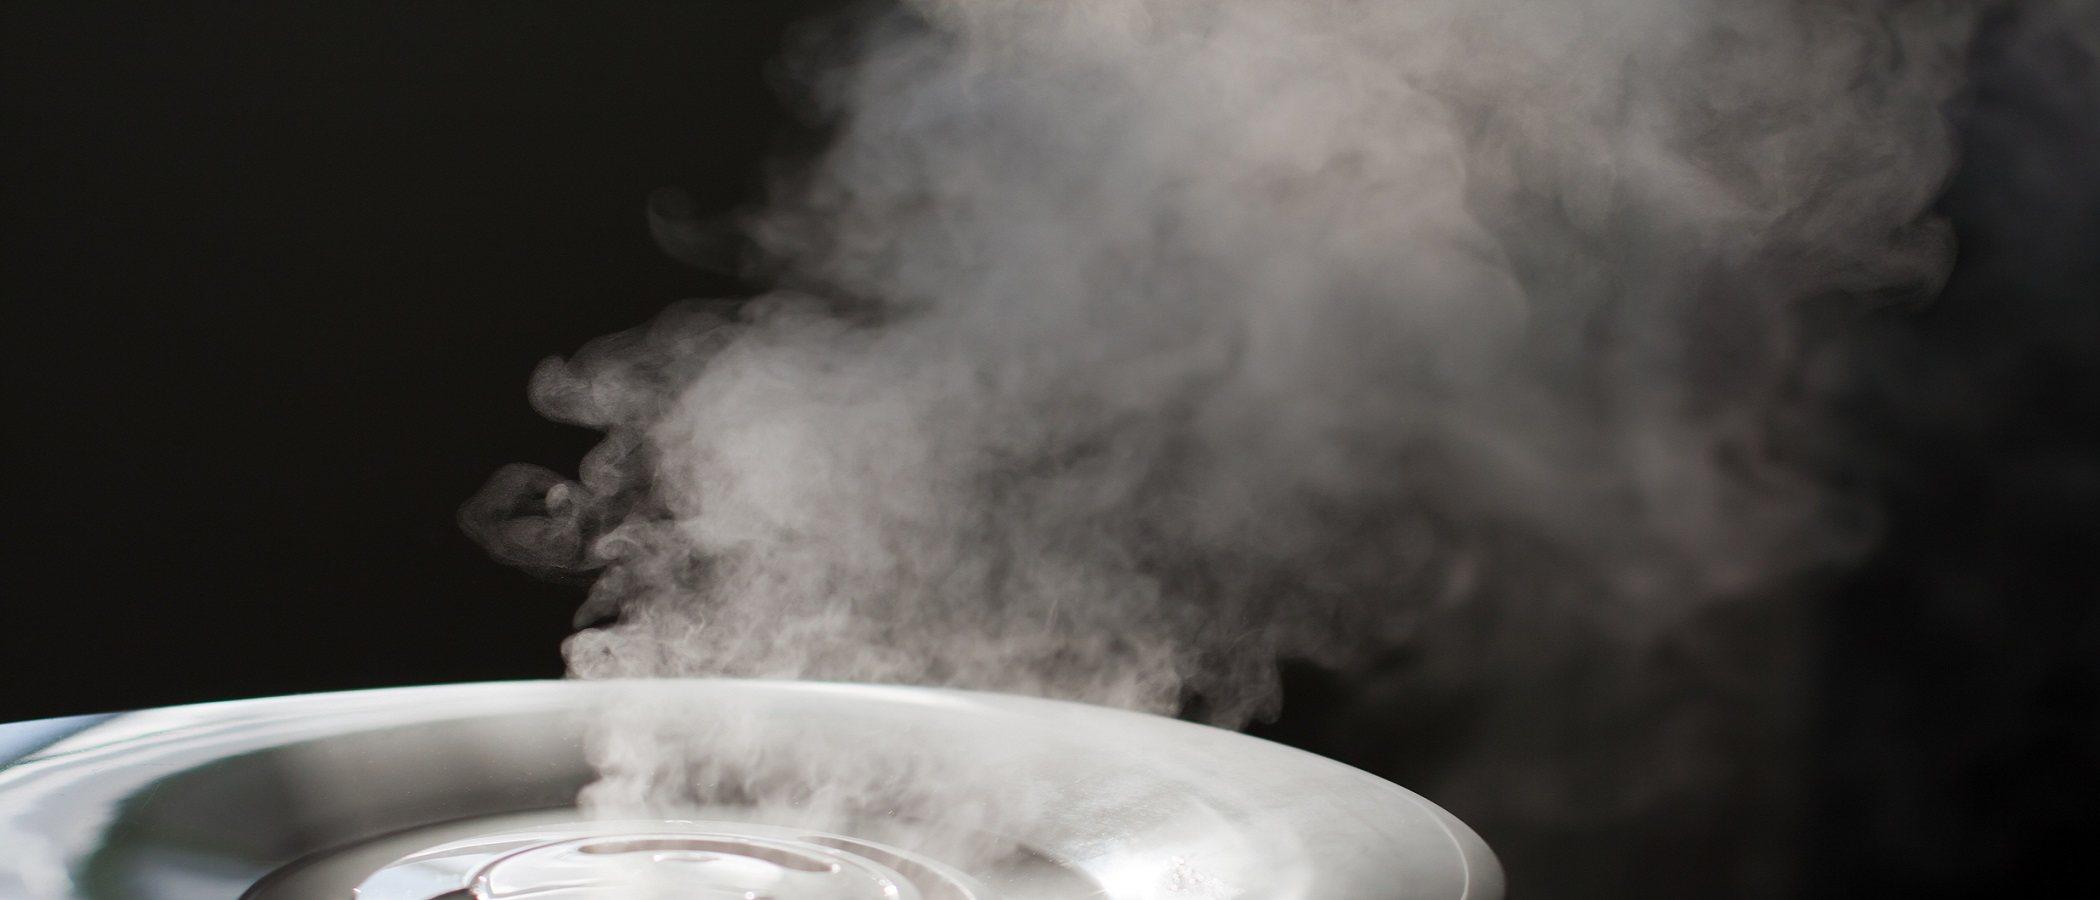 Humidificadores de vapor frío y caliente; ¿cómo se utilizan?